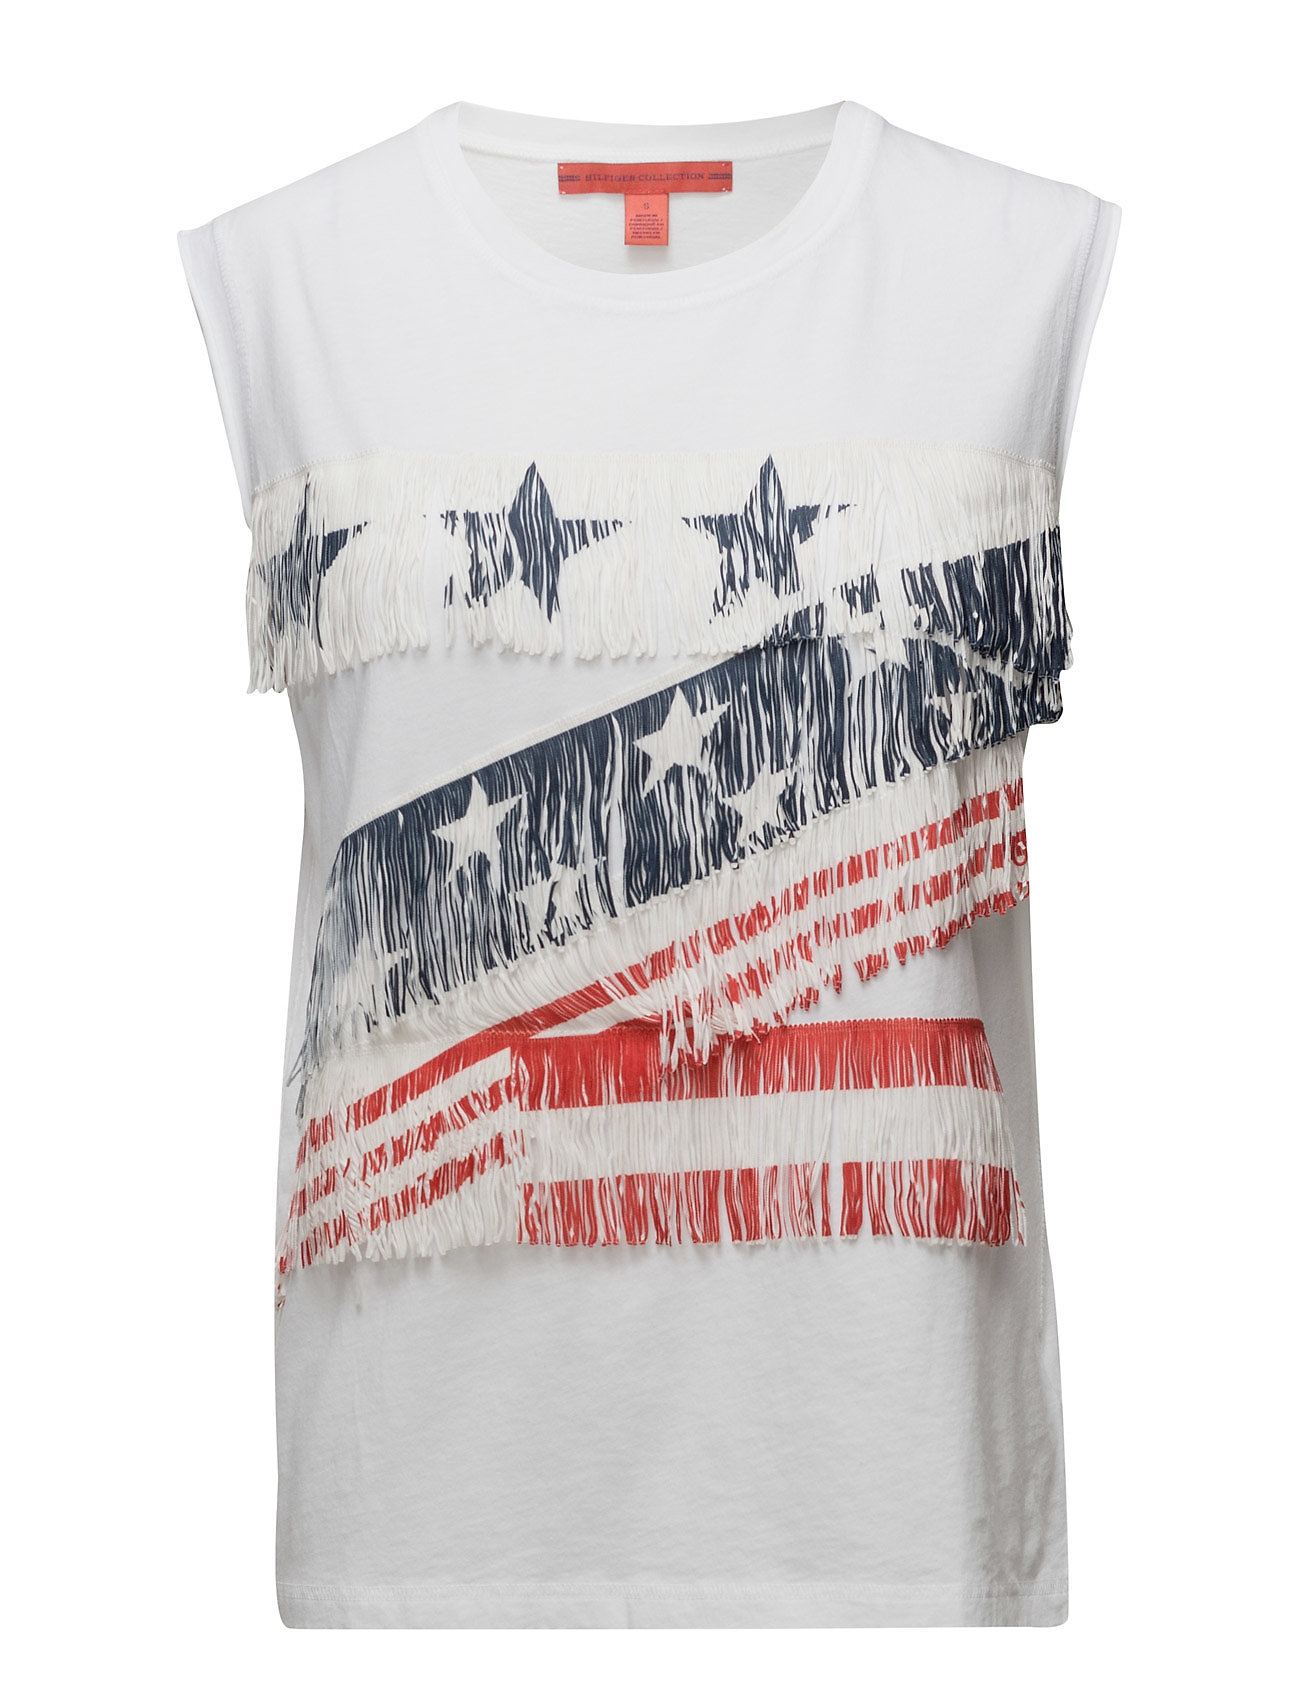 American Ns Graphic T-Shirt Hilfiger Collection Ærmeløse til Damer i